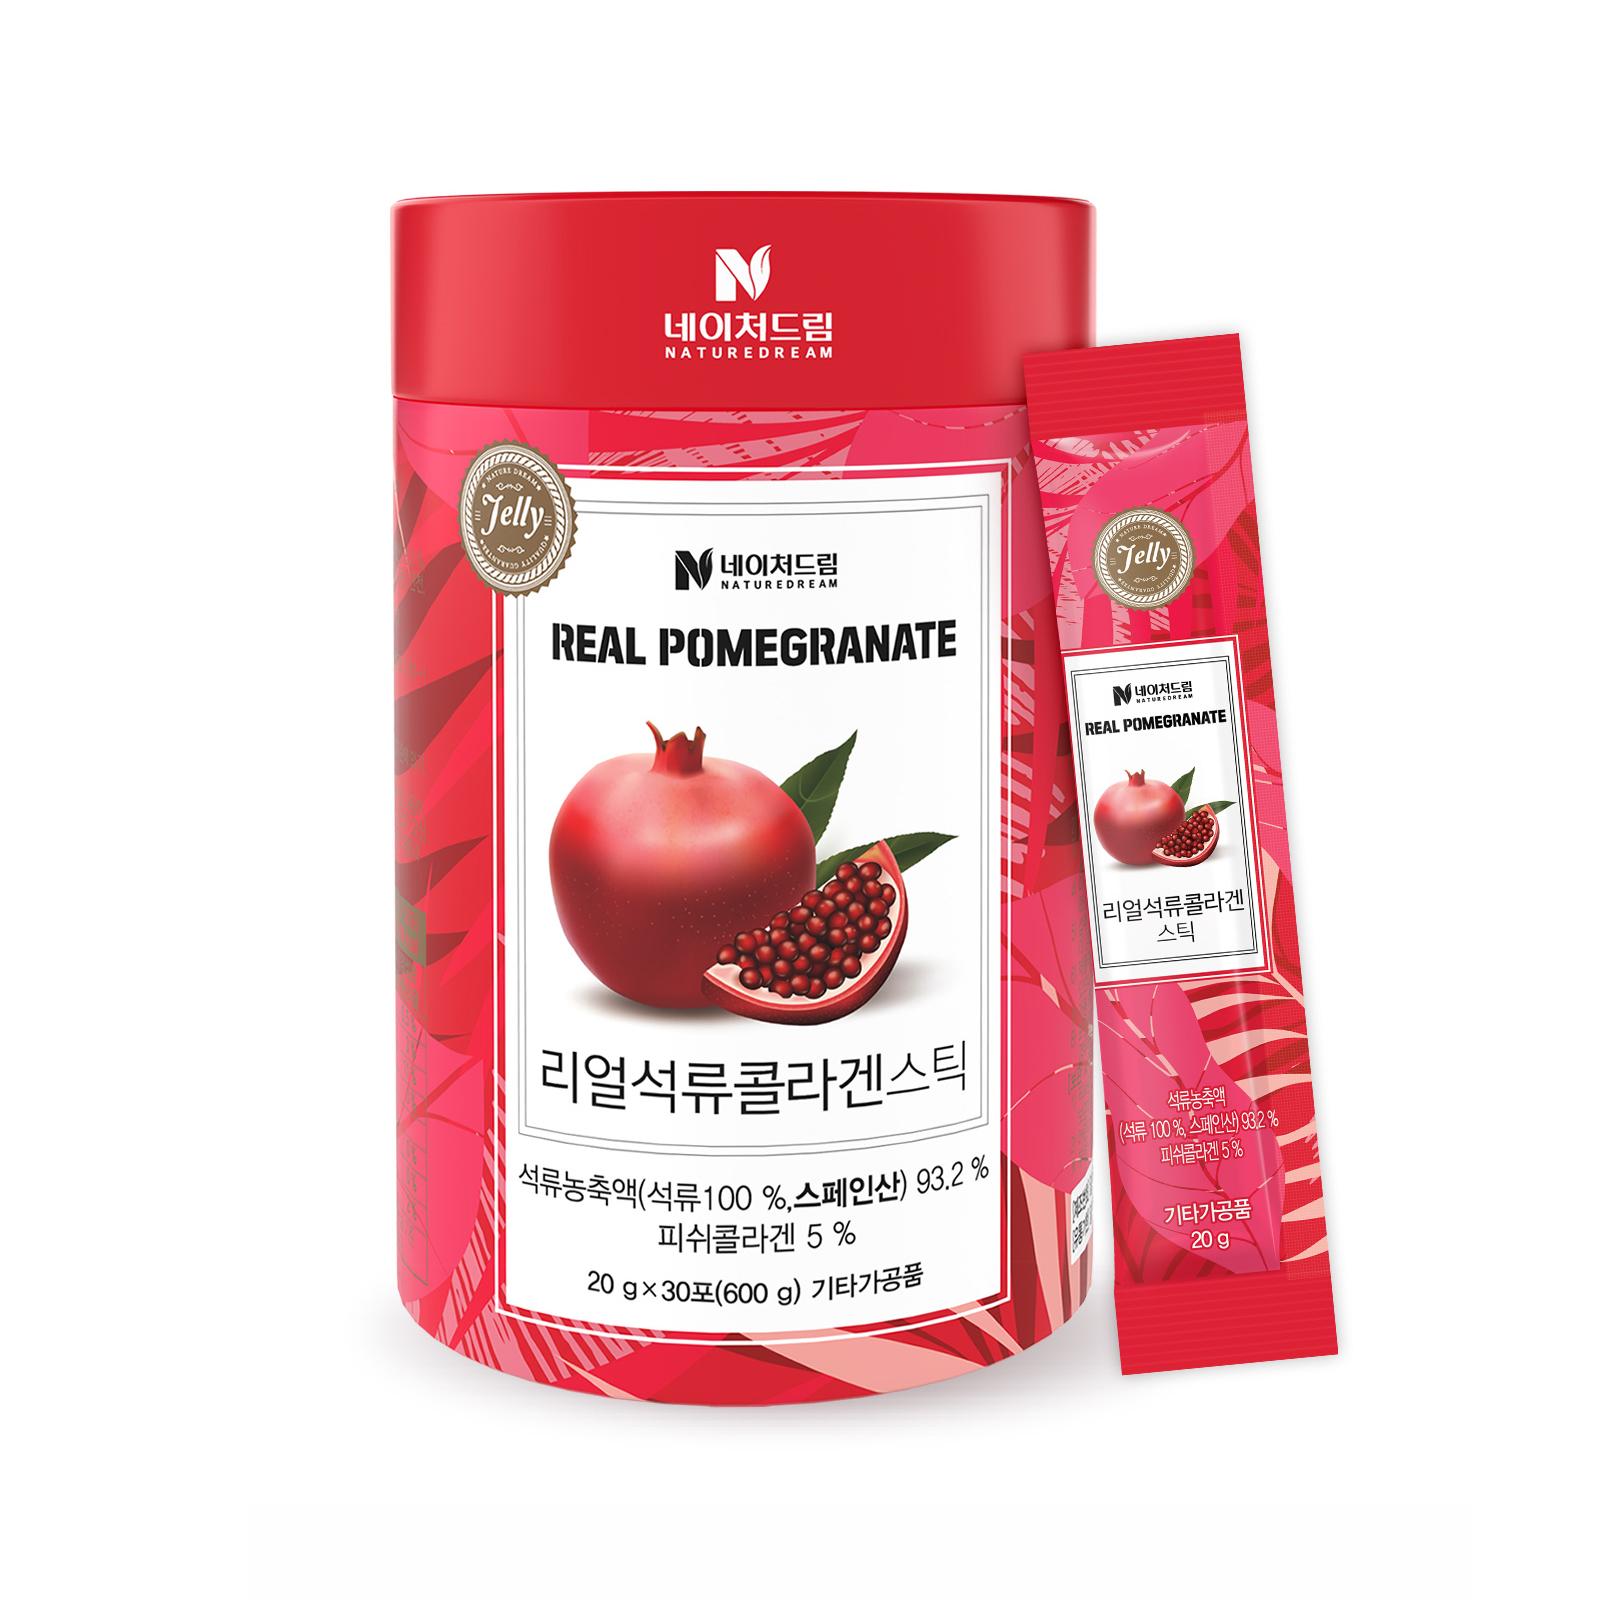 네이처드림 리얼 석류콜라겐 젤리스틱, 20g, 30개